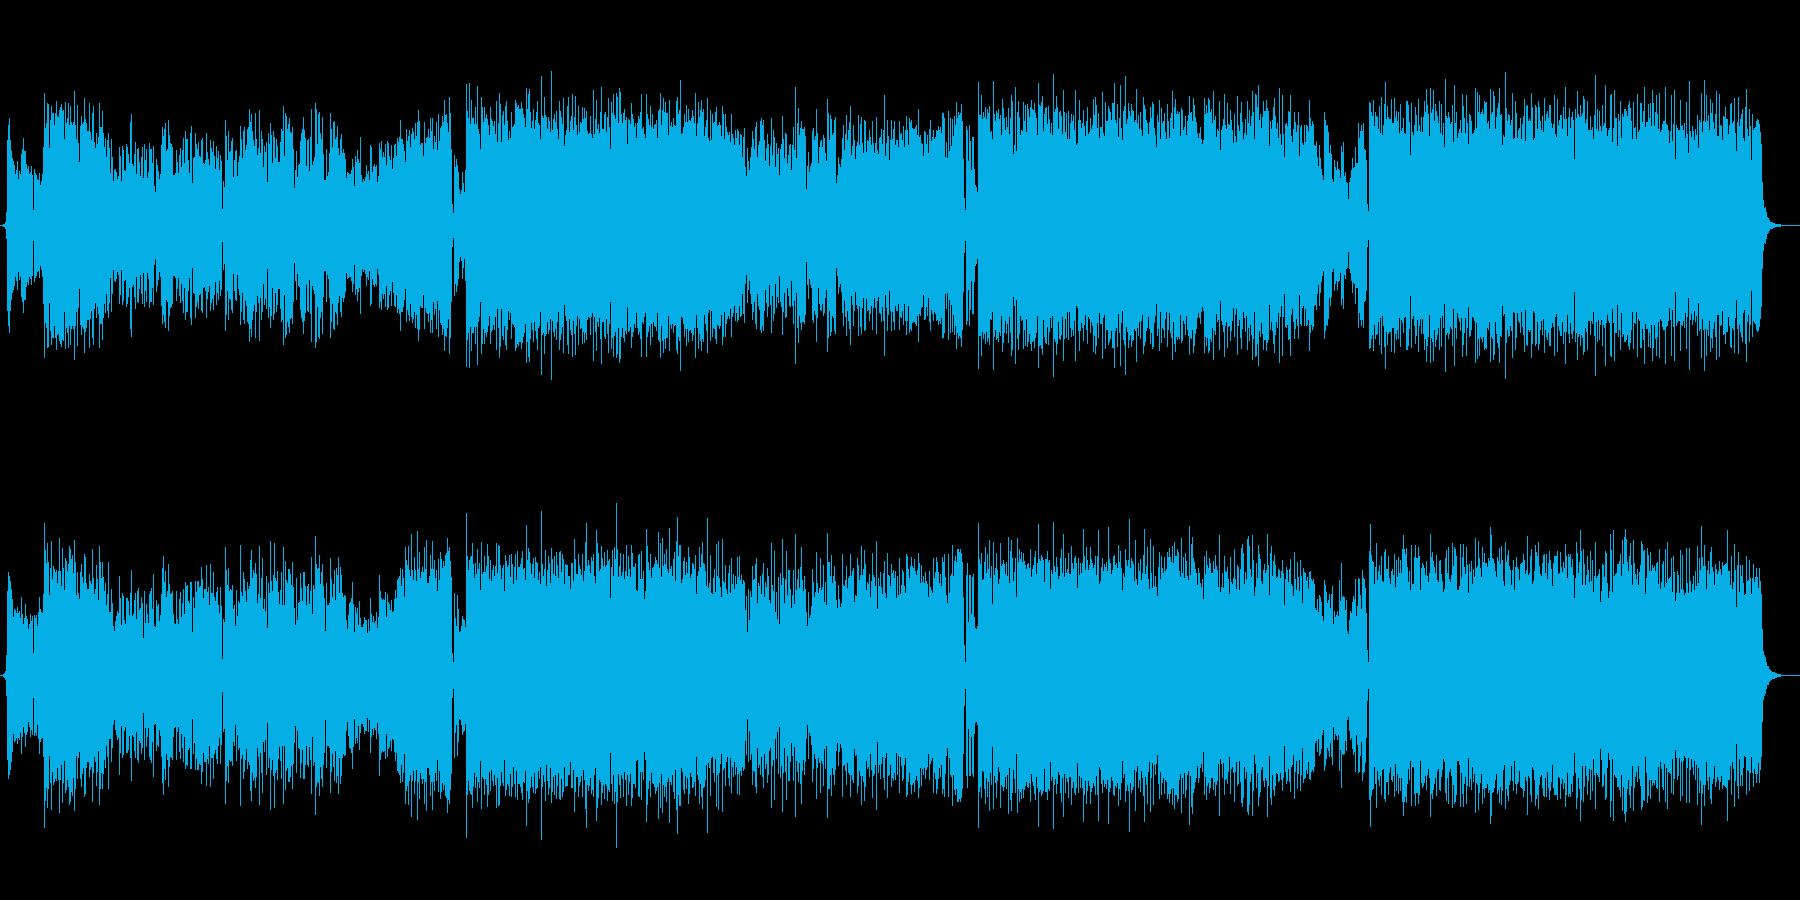 尺八が謳う和風ロックの再生済みの波形